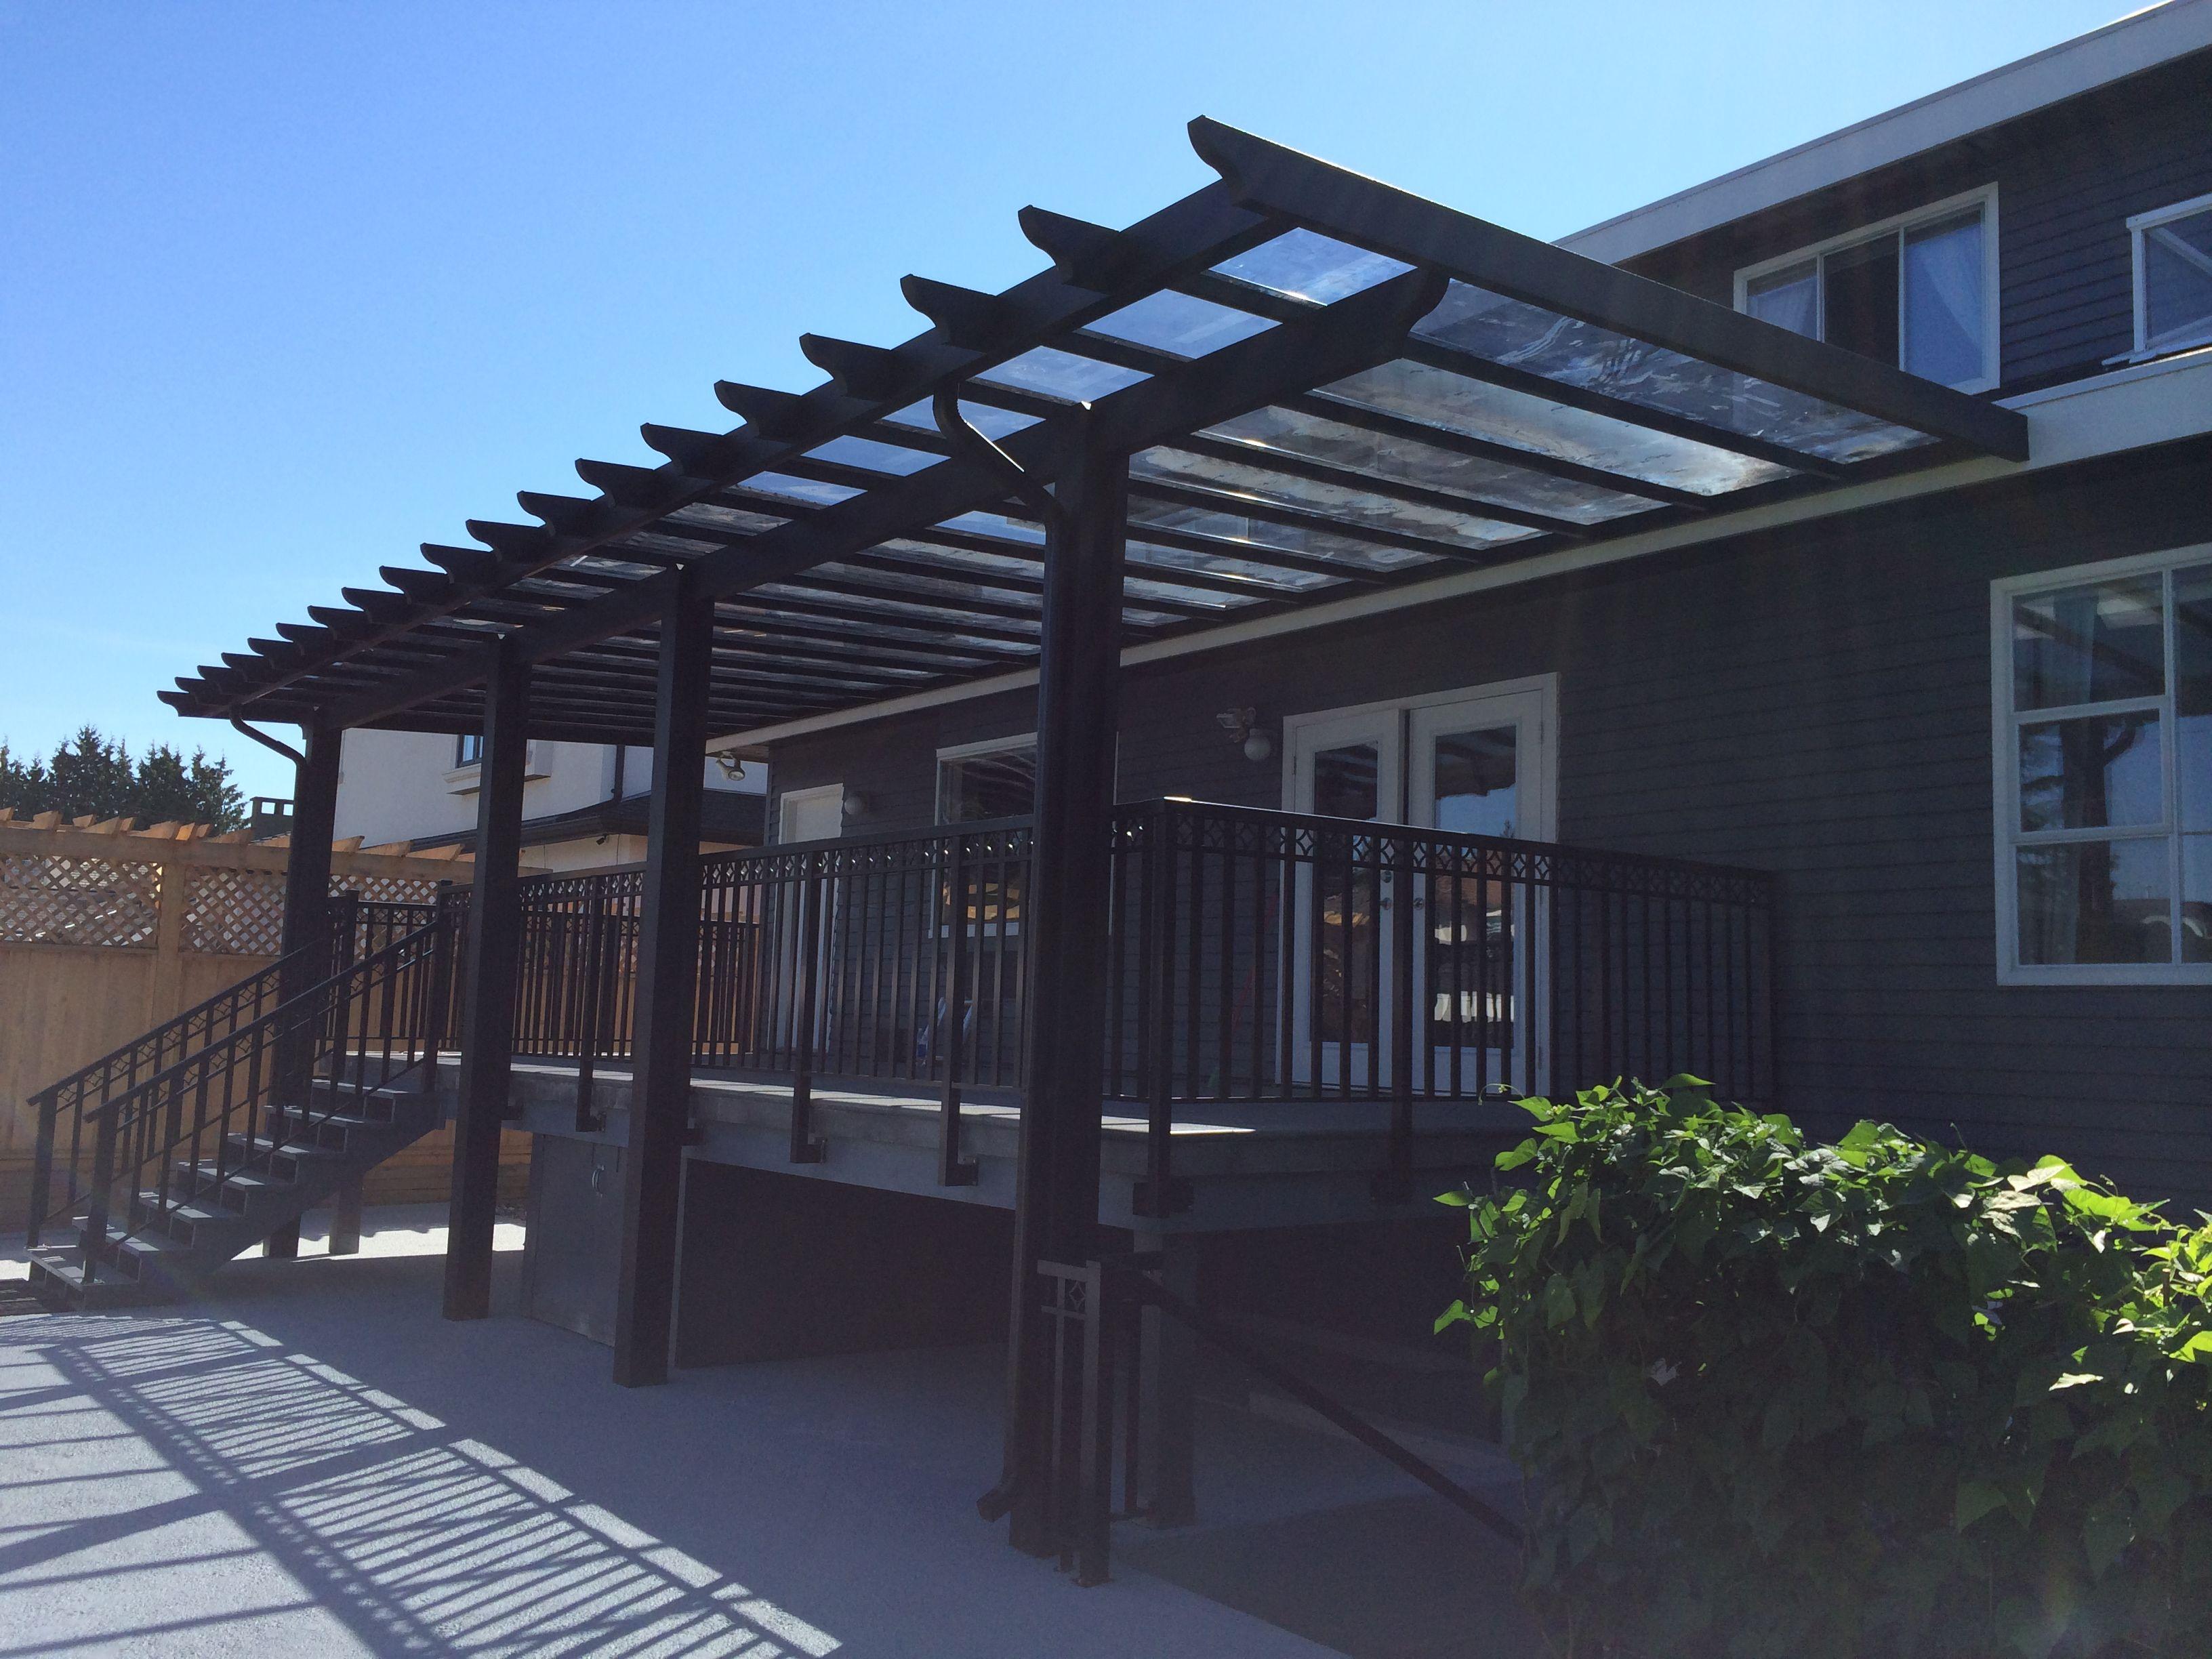 Black Pergola Glass Roof Pergola Patio Pergola Shade Pergola